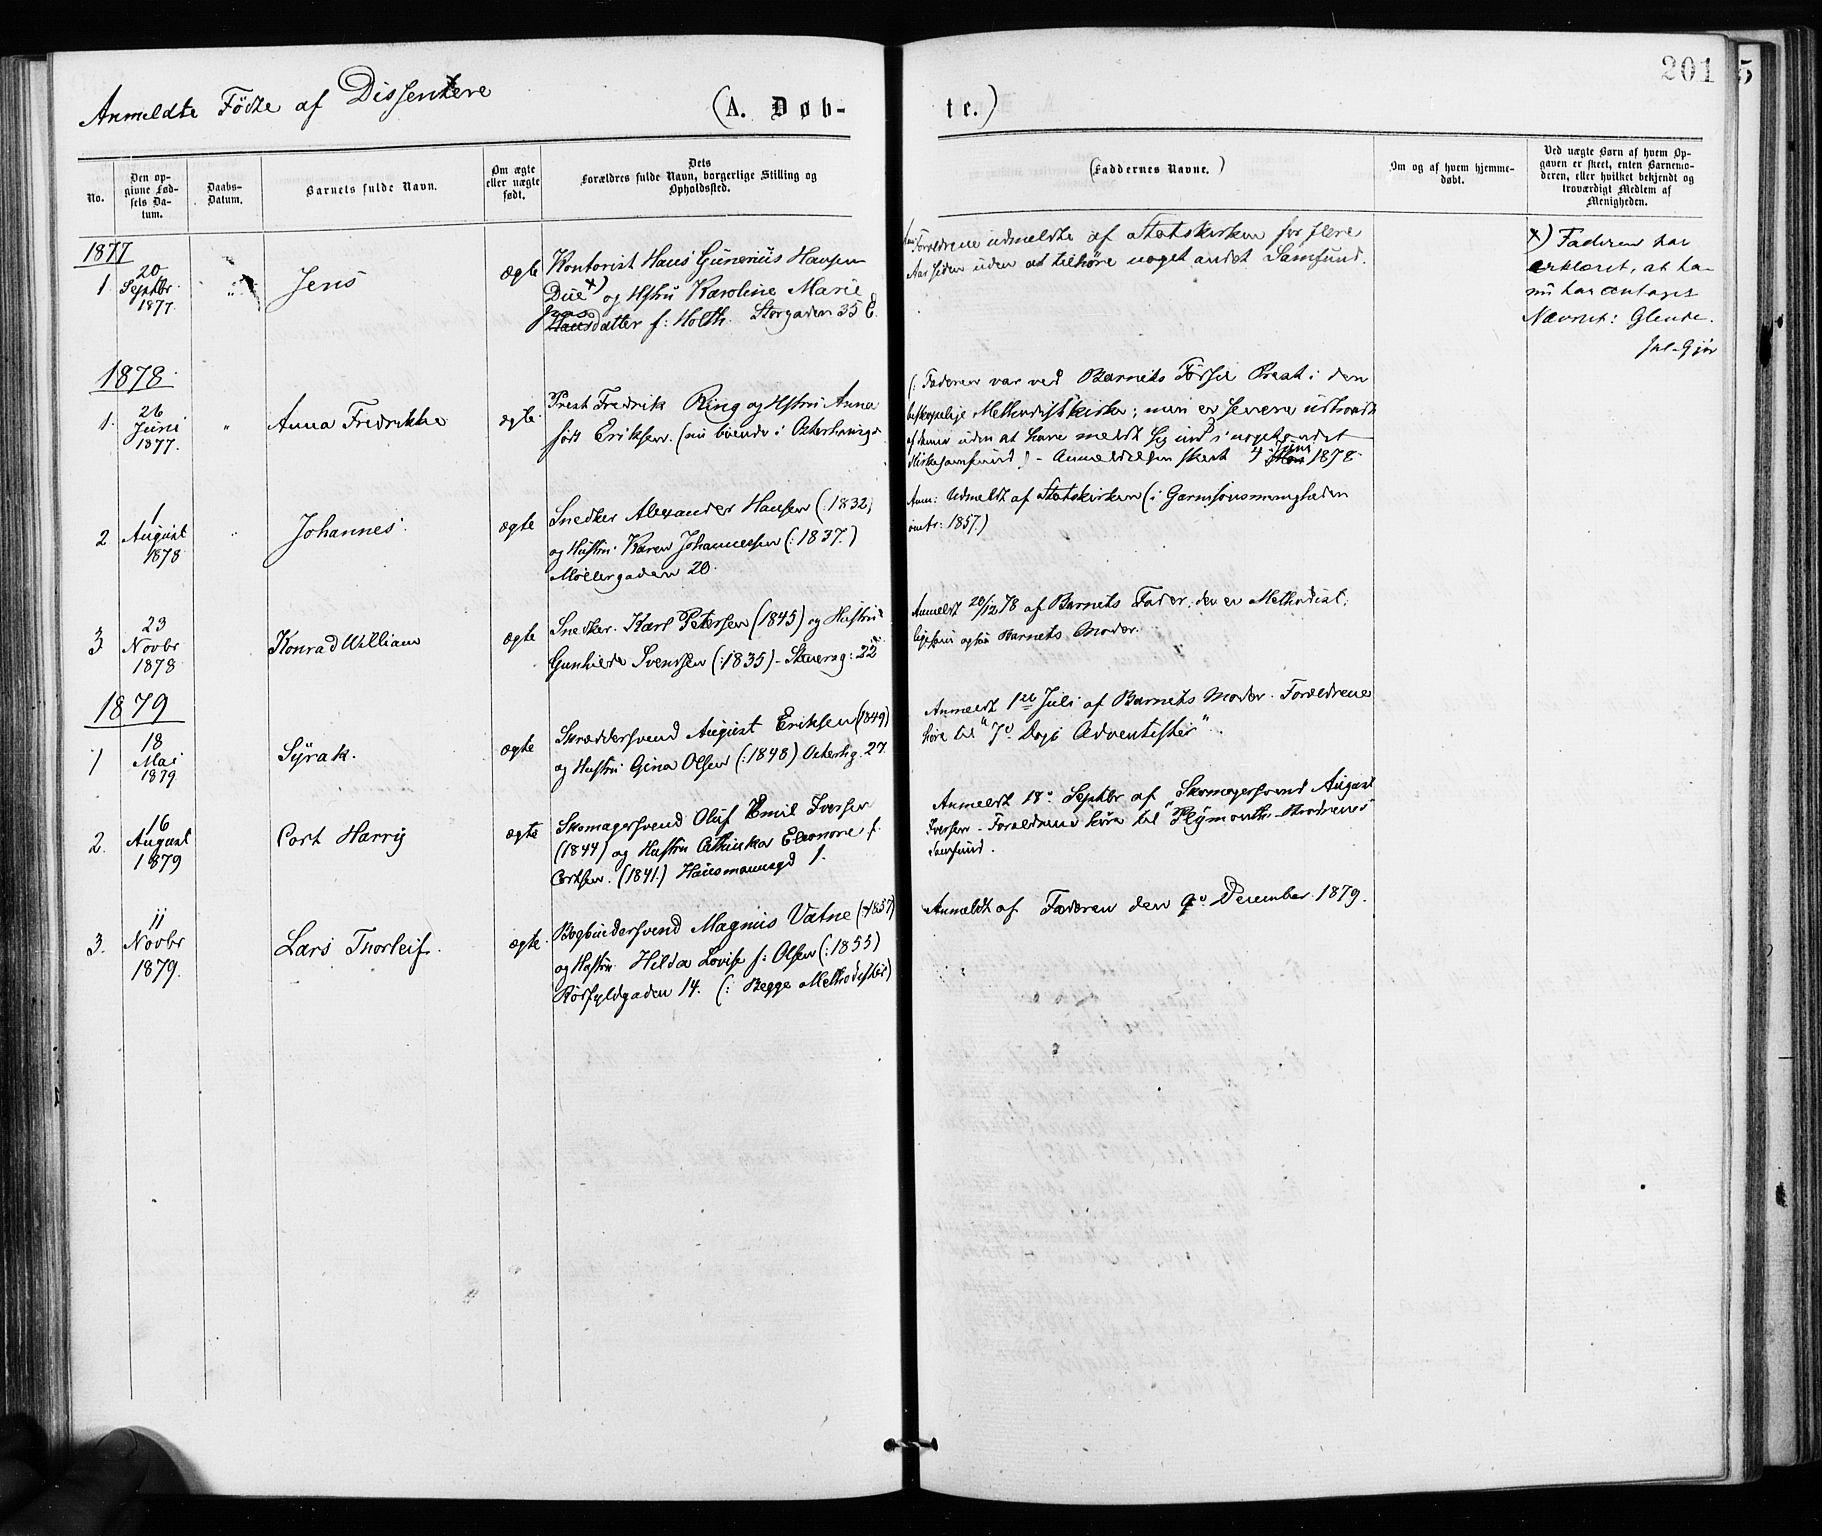 SAO, Jakob prestekontor Kirkebøker, F/Fa/L0001: Ministerialbok nr. 1, 1875-1924, s. 201